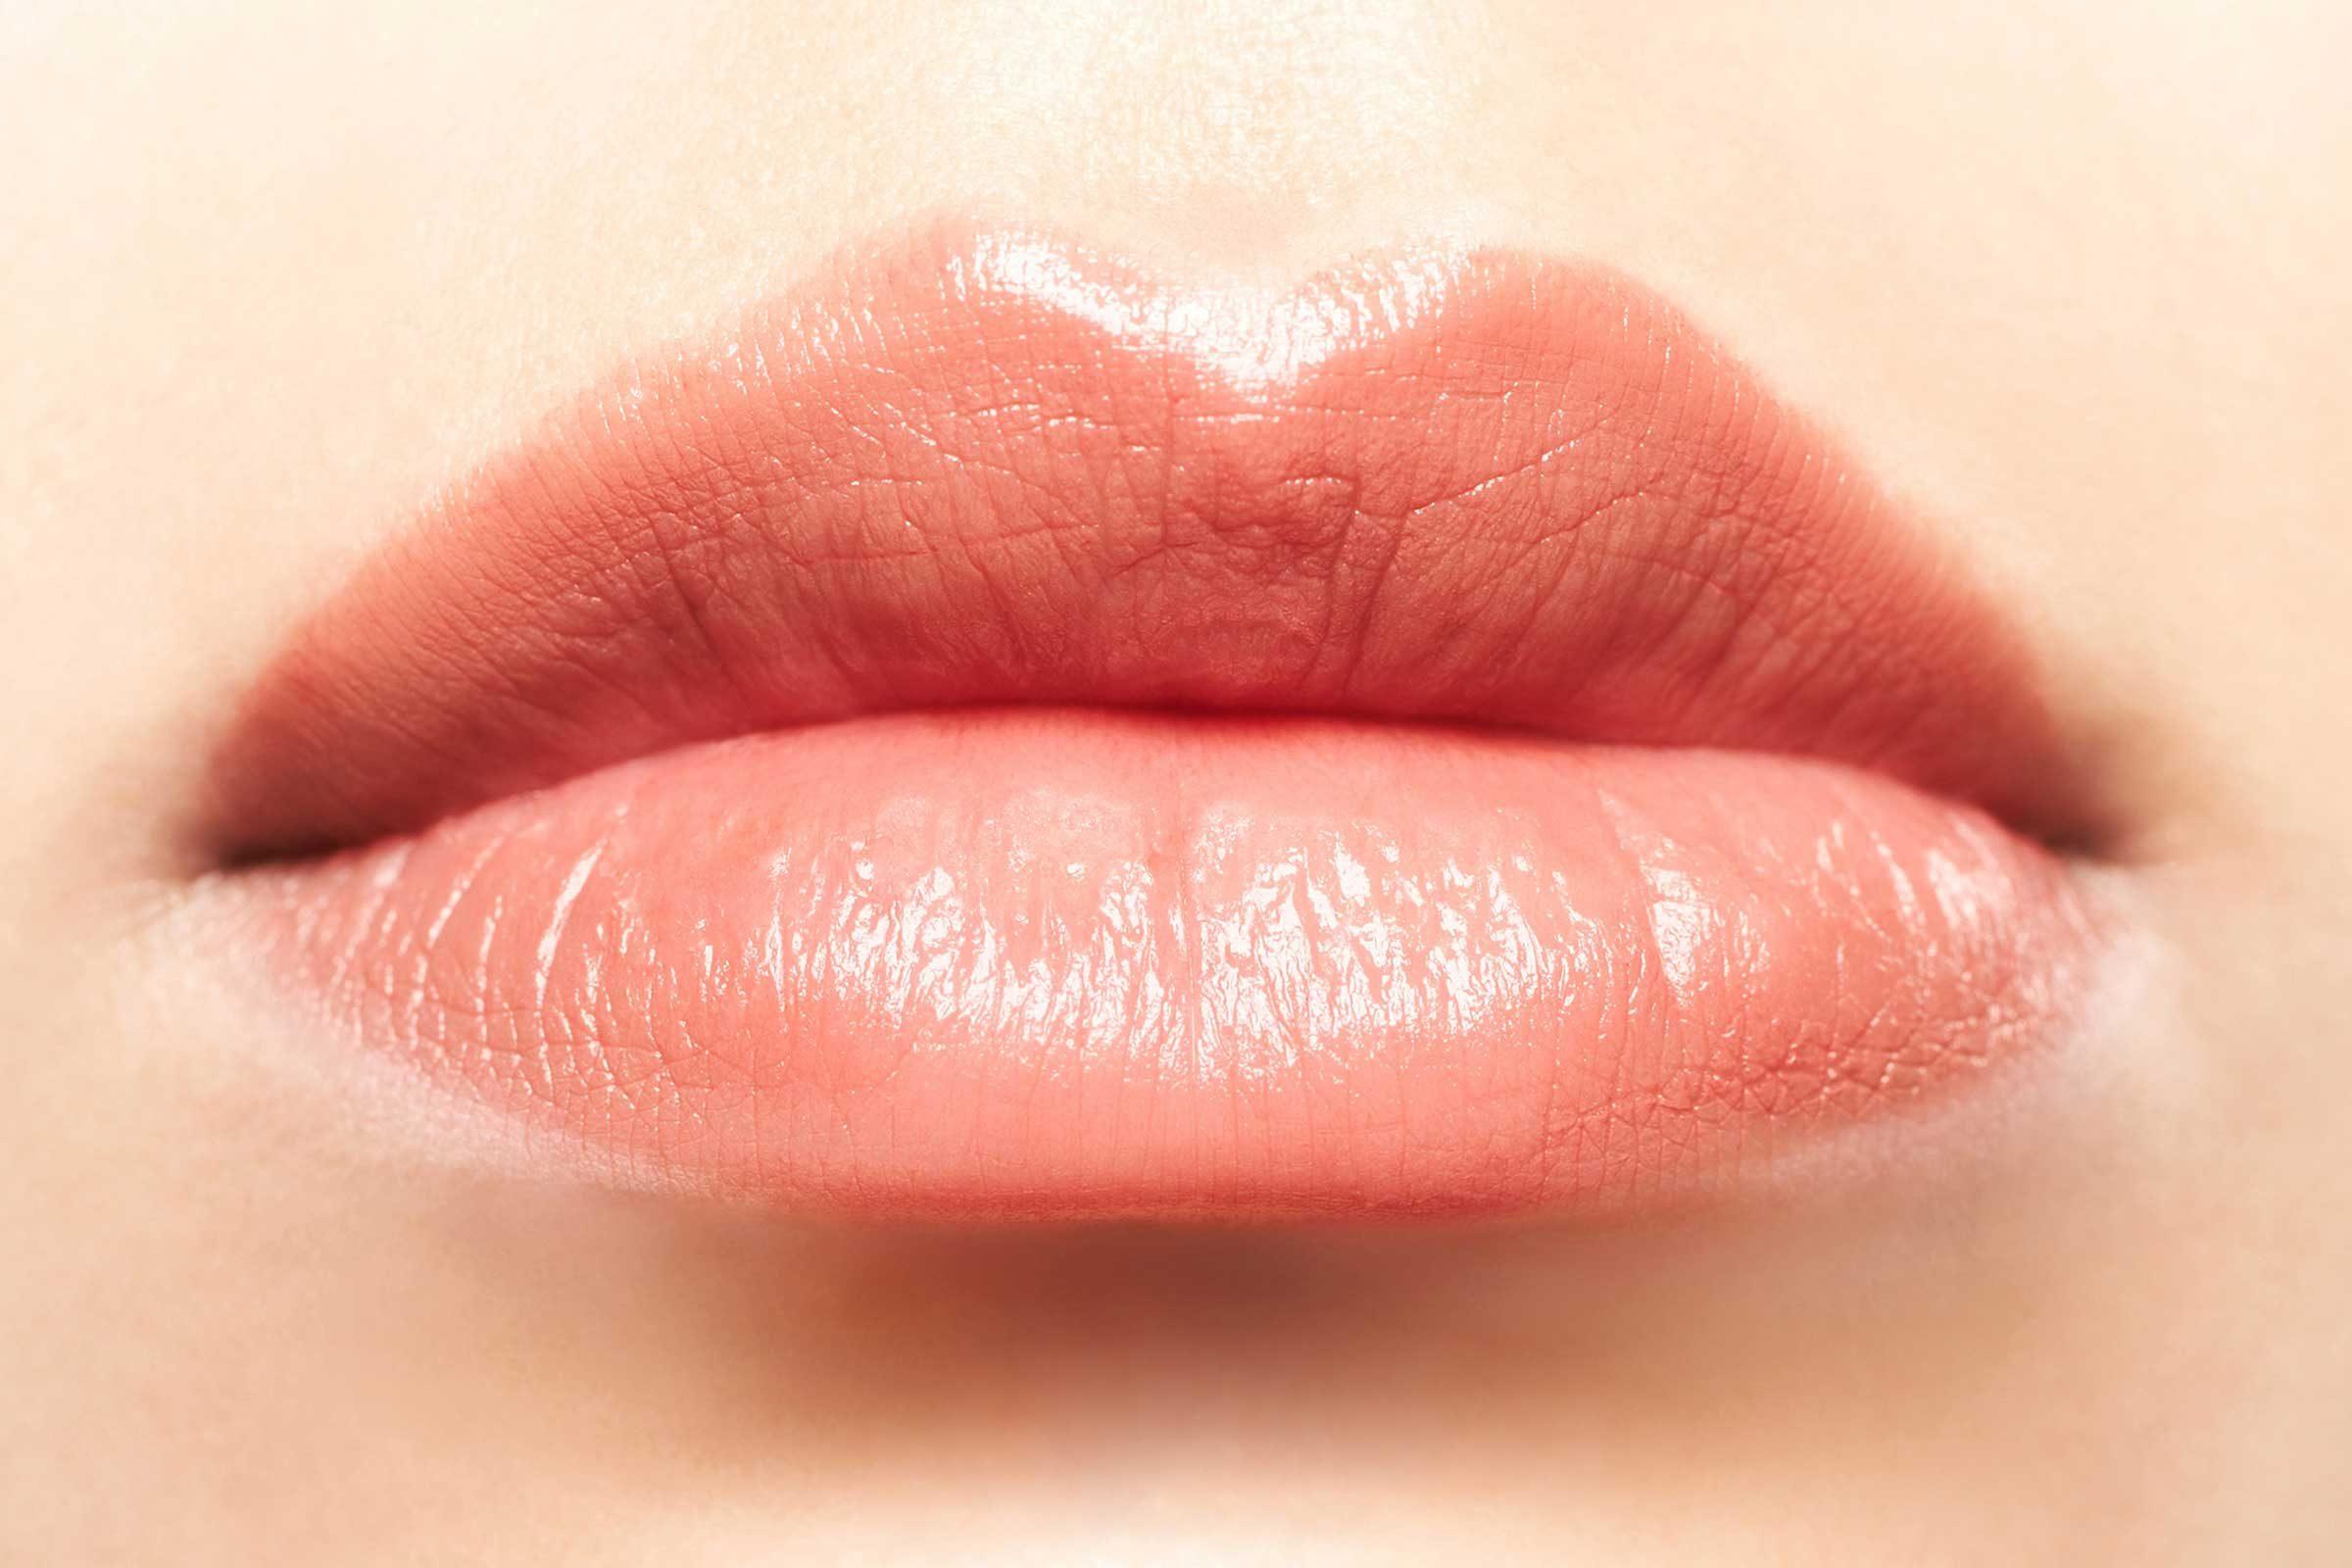 Certains de des produits de comblement à l'acide hyaluronique donnent du volume repulpant aux lèvres.